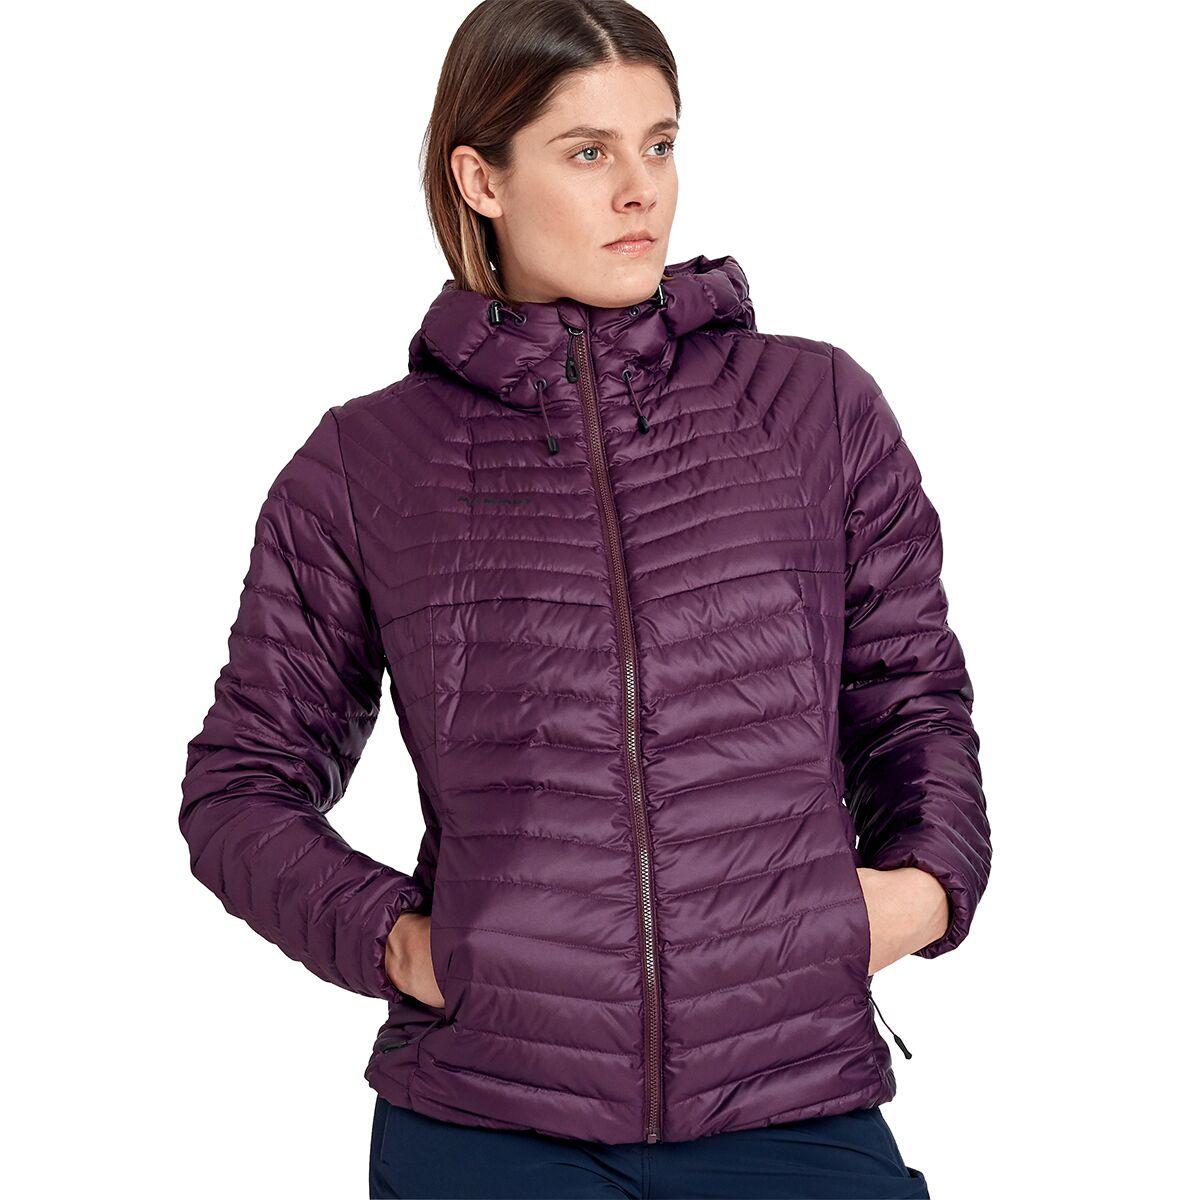 Convey IN Hooded Jacket - Women